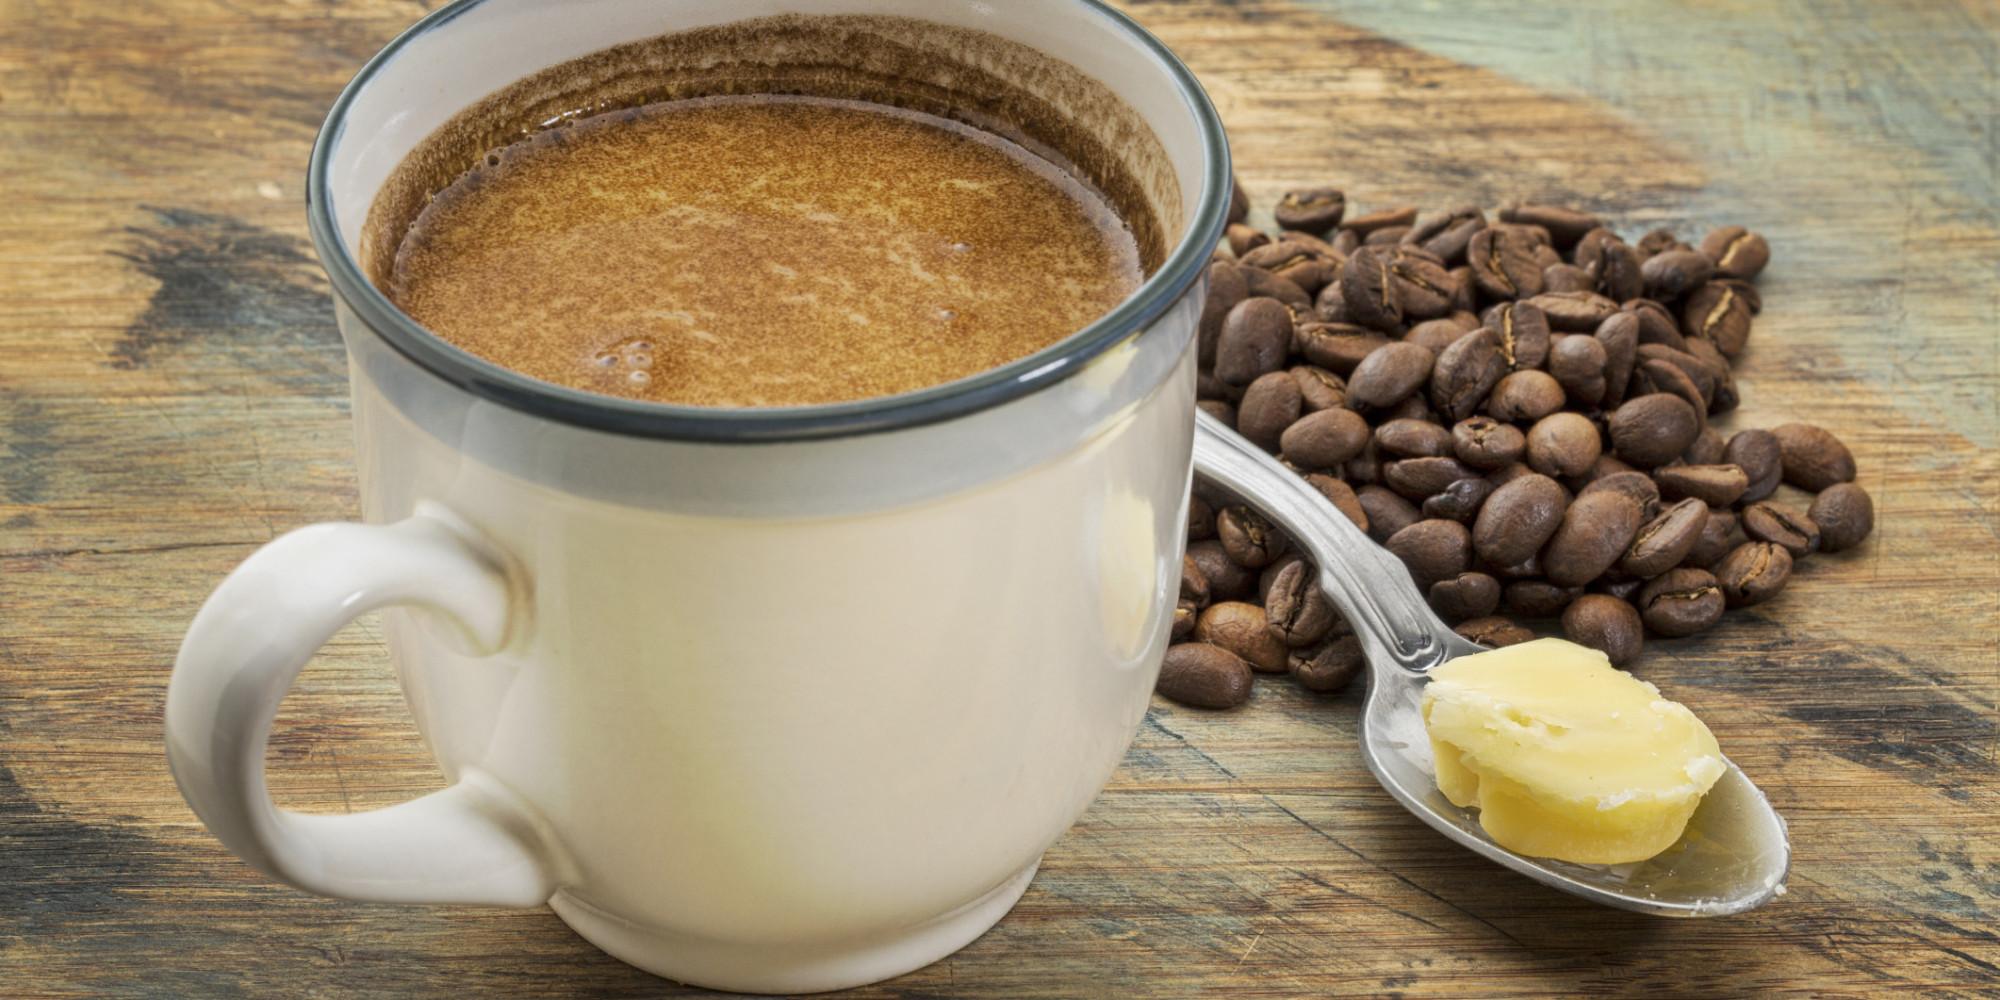 cafea bună pentru arderea grăsimilor